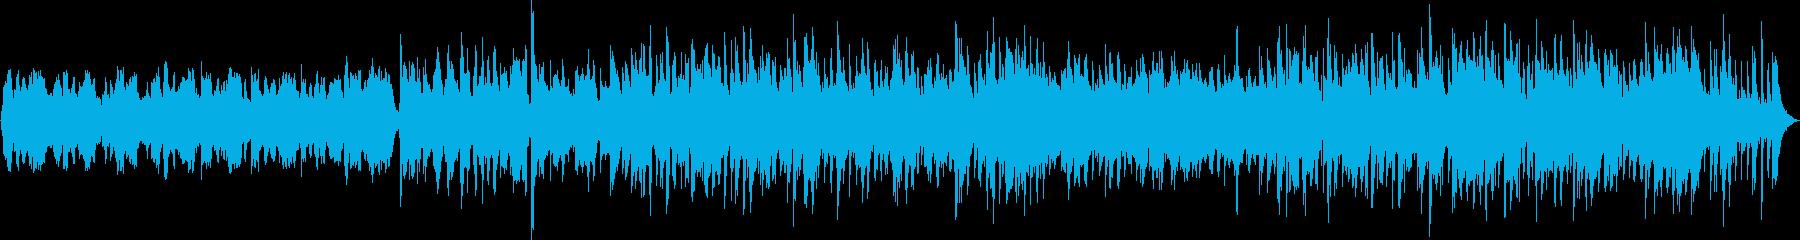 ドラマチックに展開するスロー・バラードの再生済みの波形